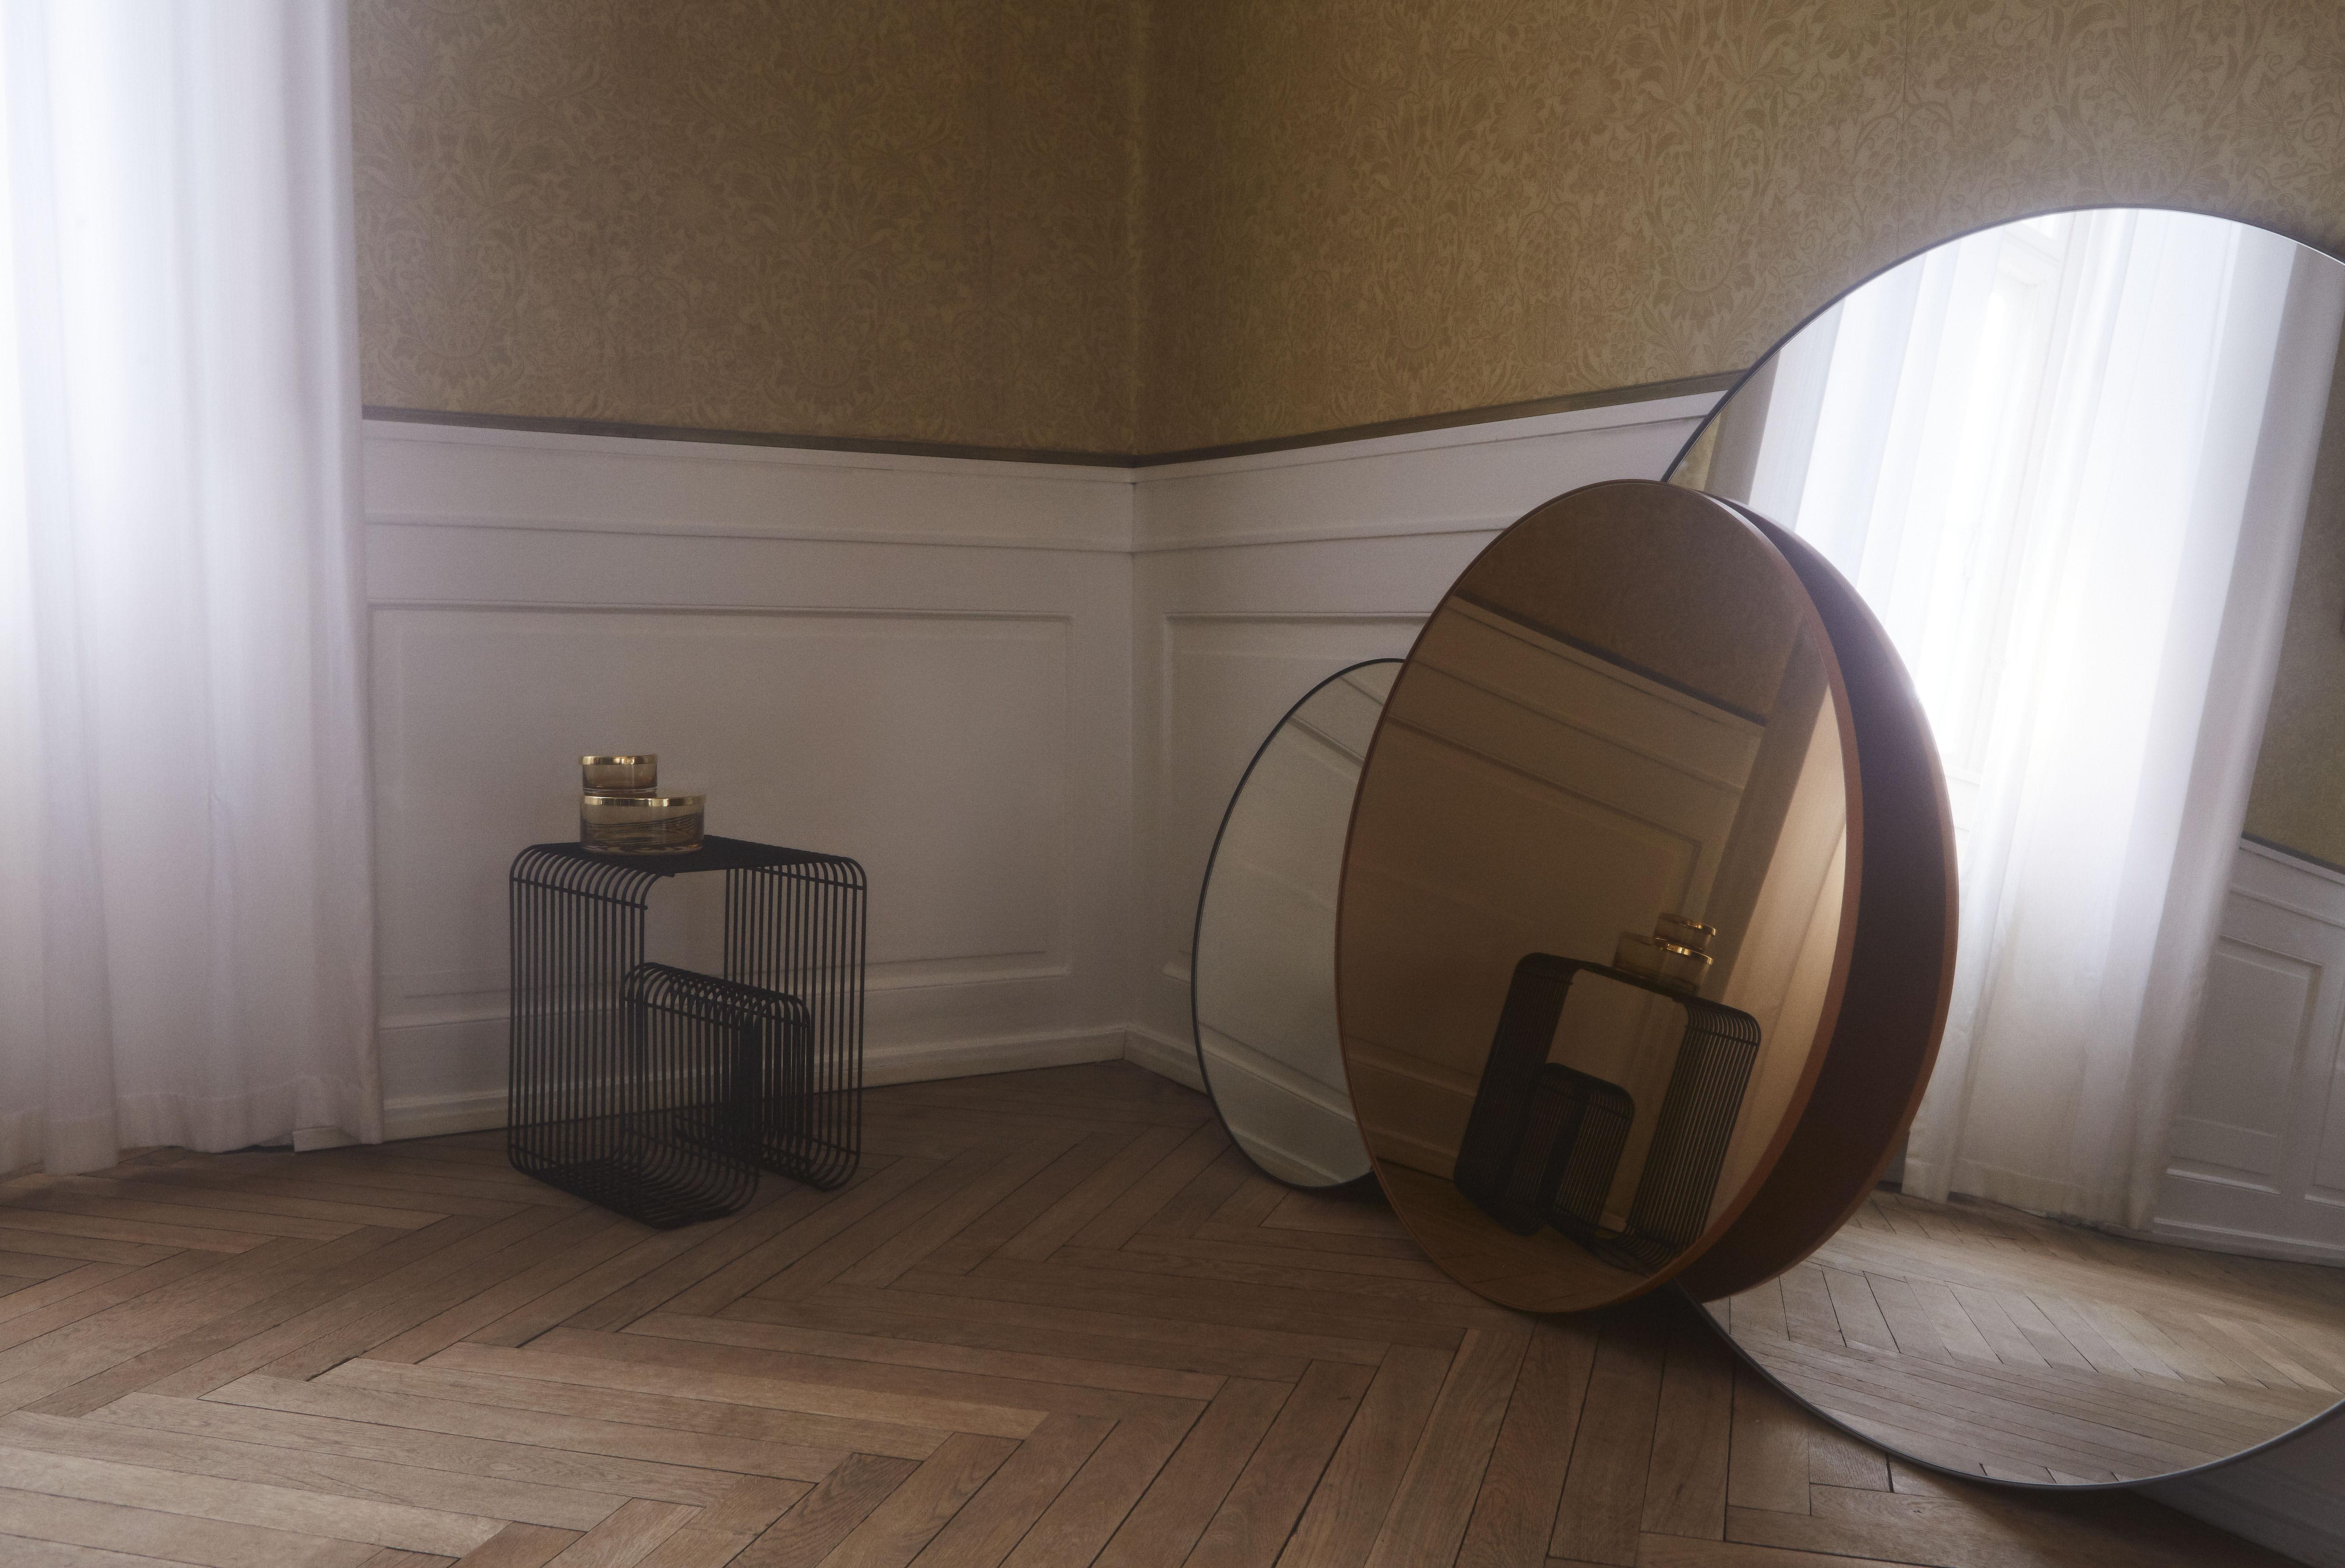 Miroir mural circum medium aytm ambre cadre or 90 made in design for Miroir mural original